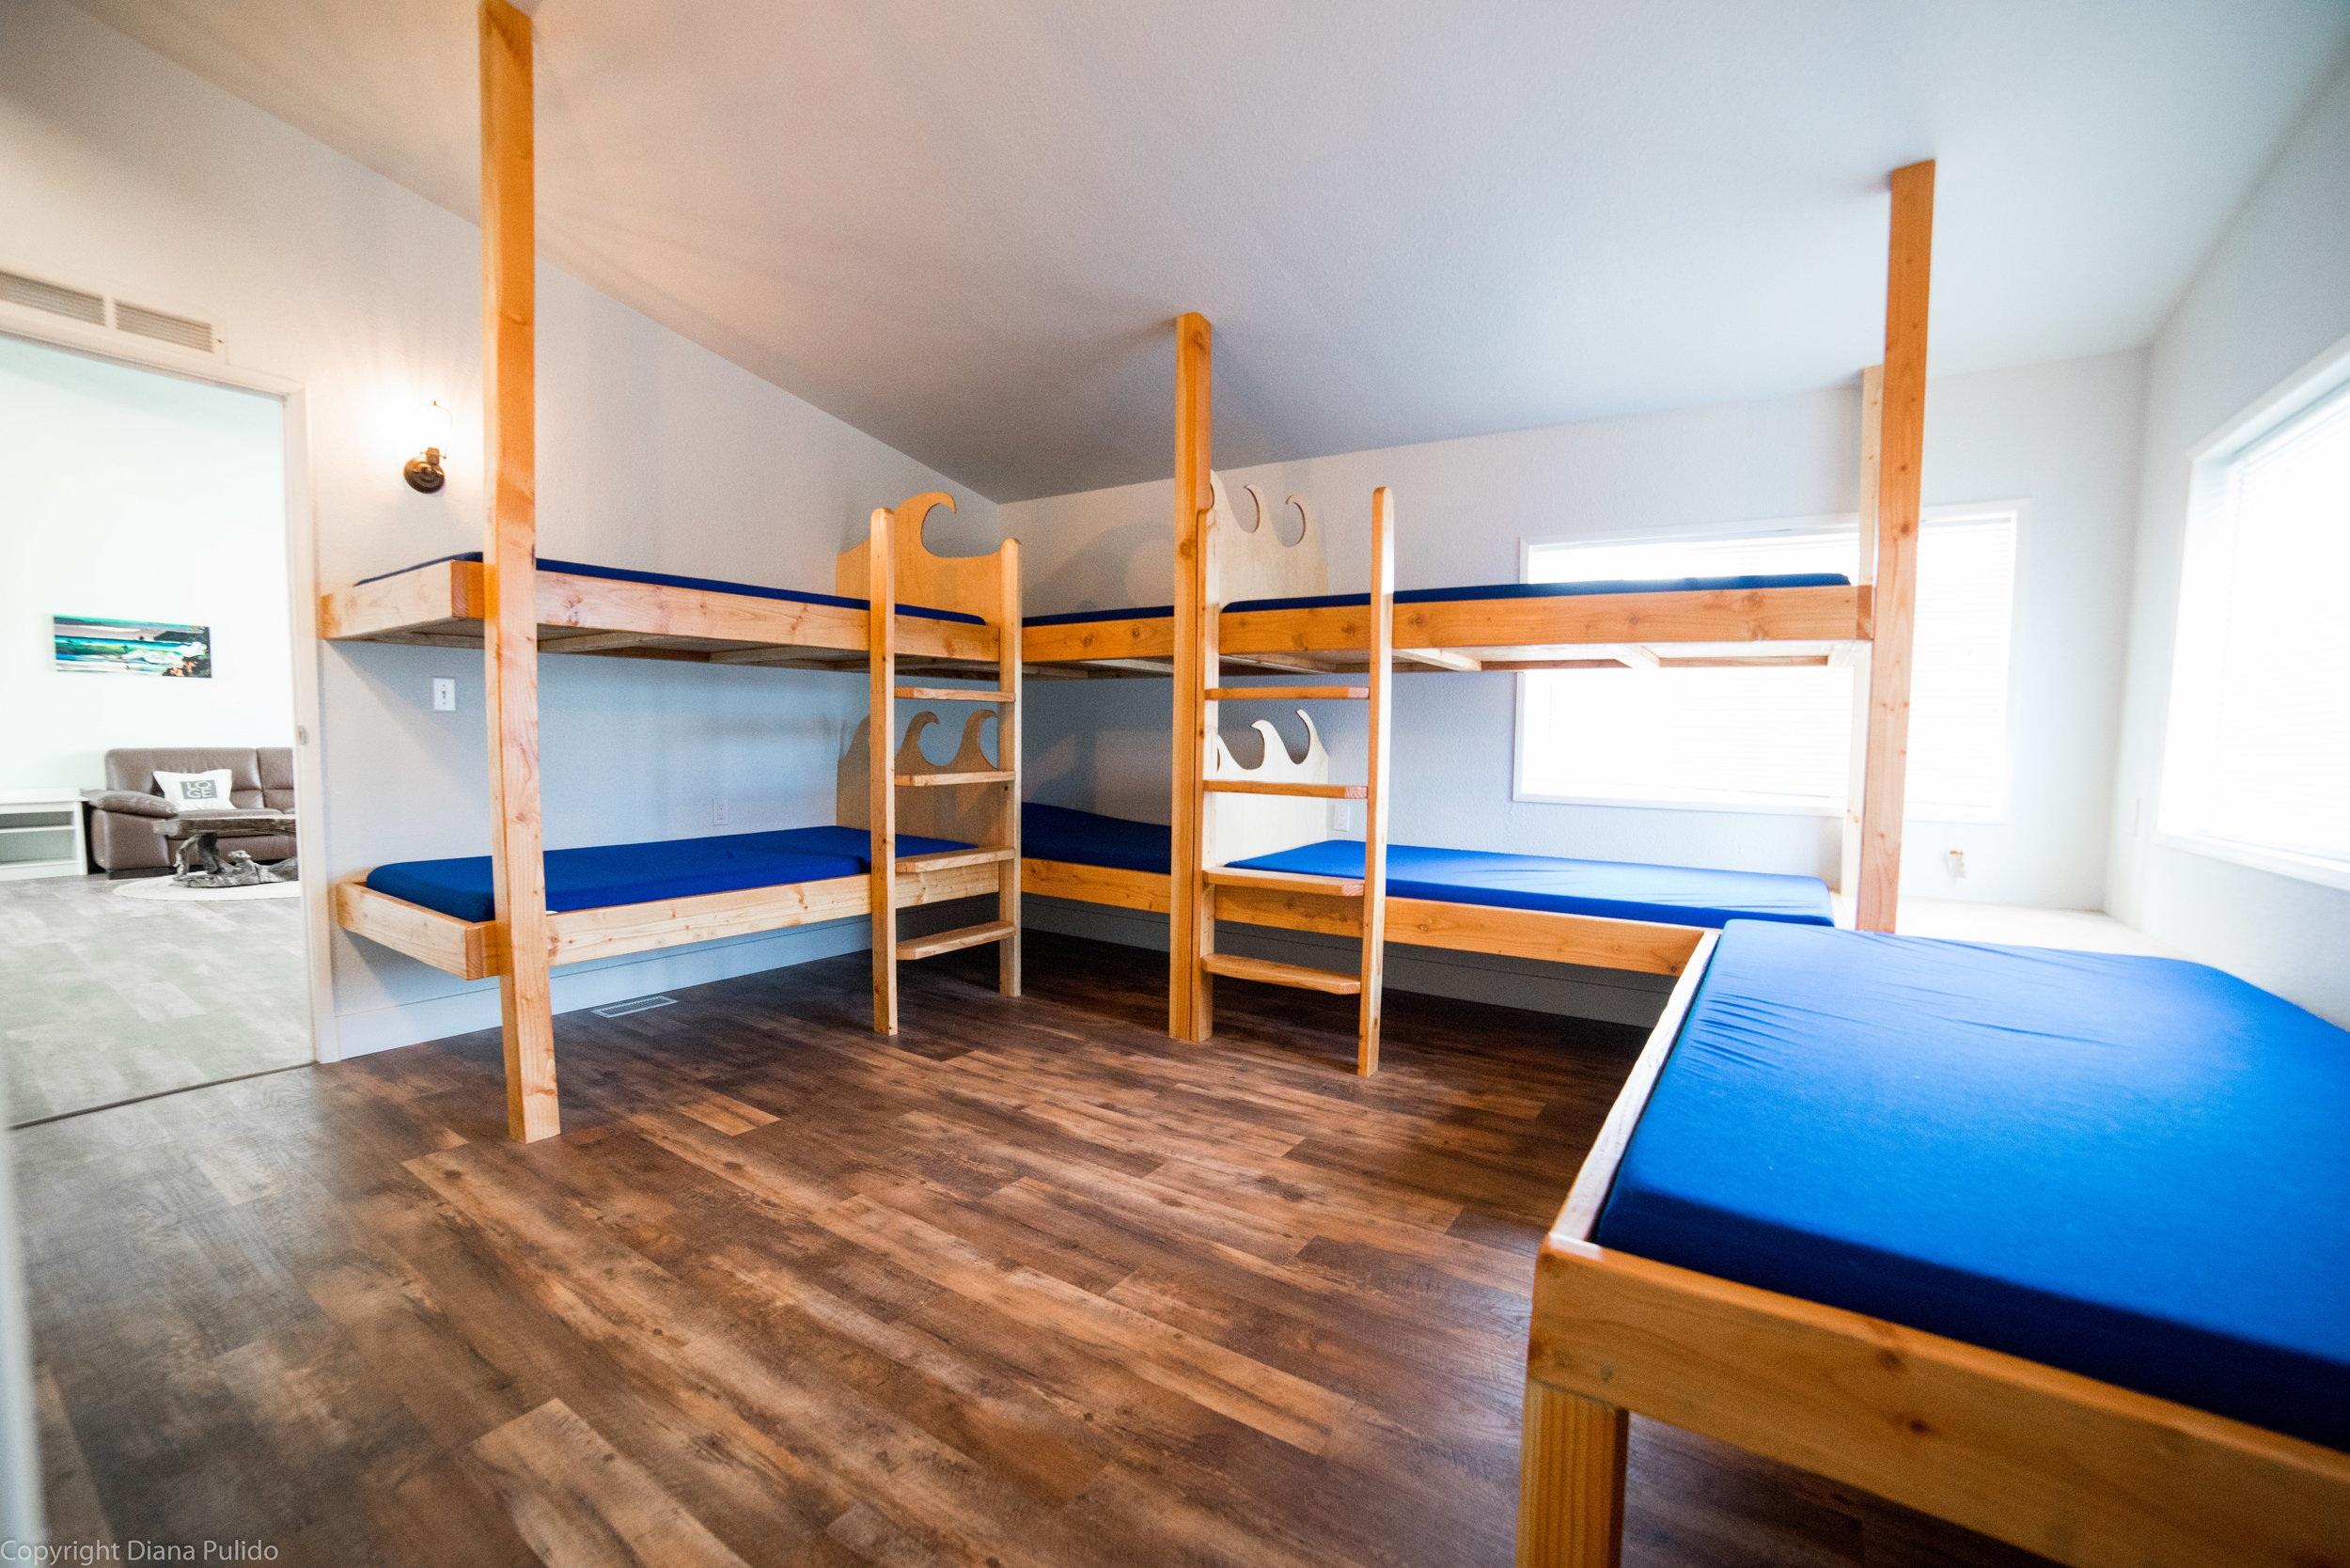 Hostel+1.jpg